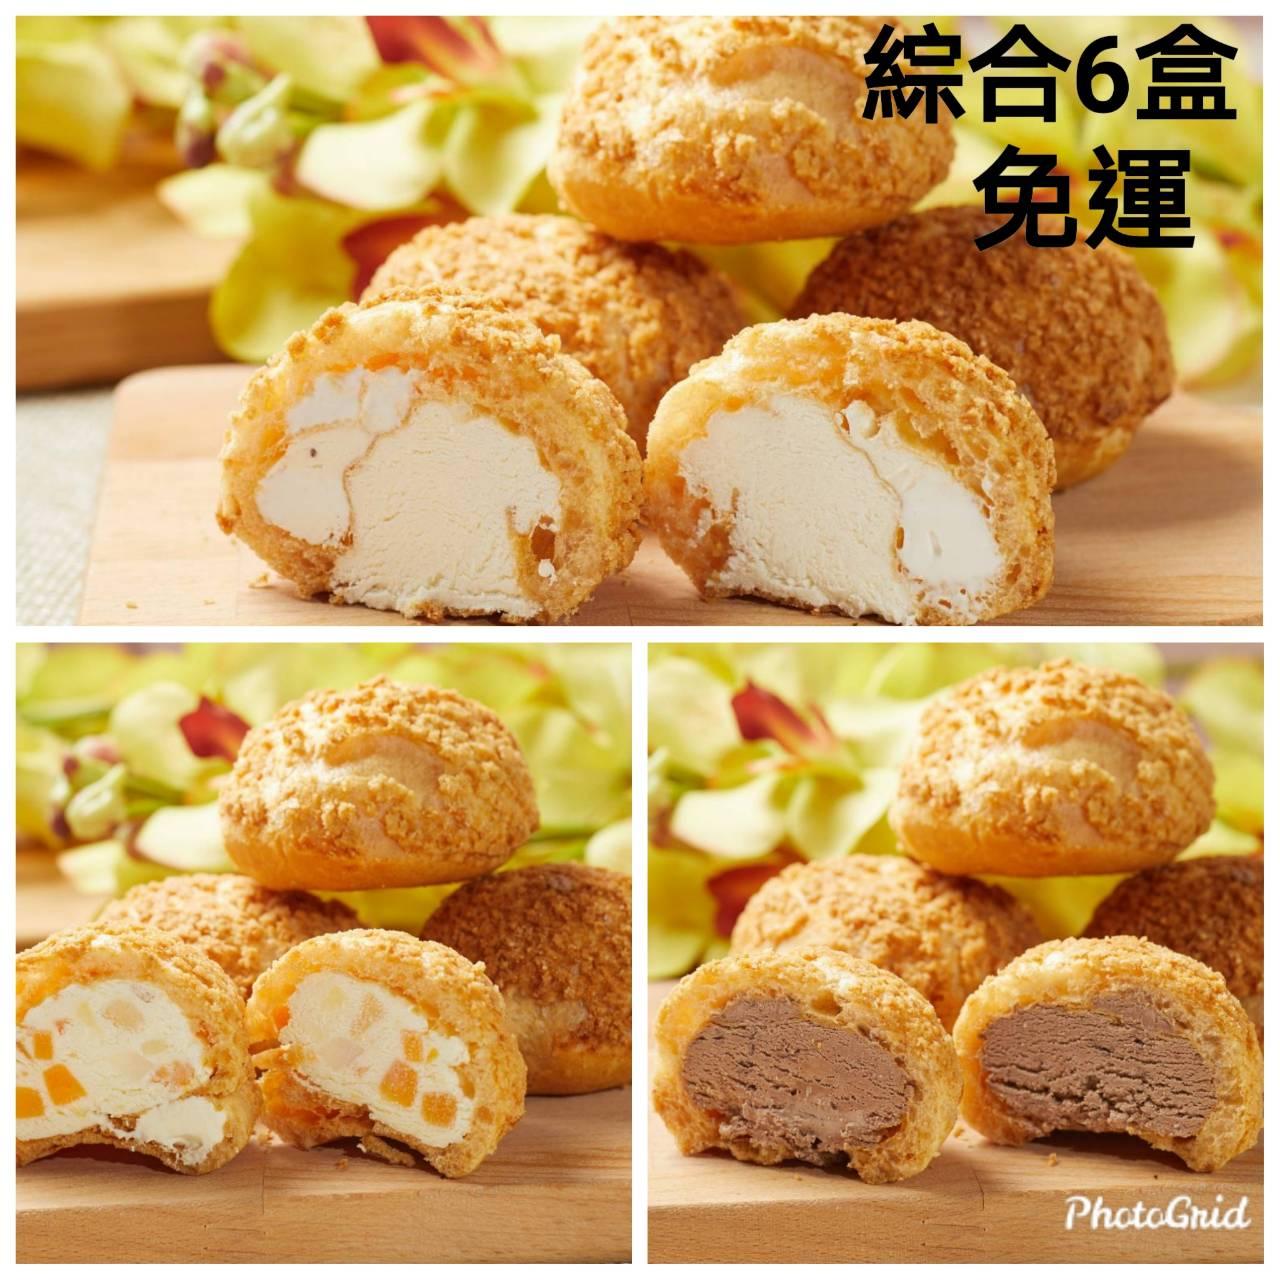 菠蘿冰心泡芙 (綜合) 盒/9入6盒免運